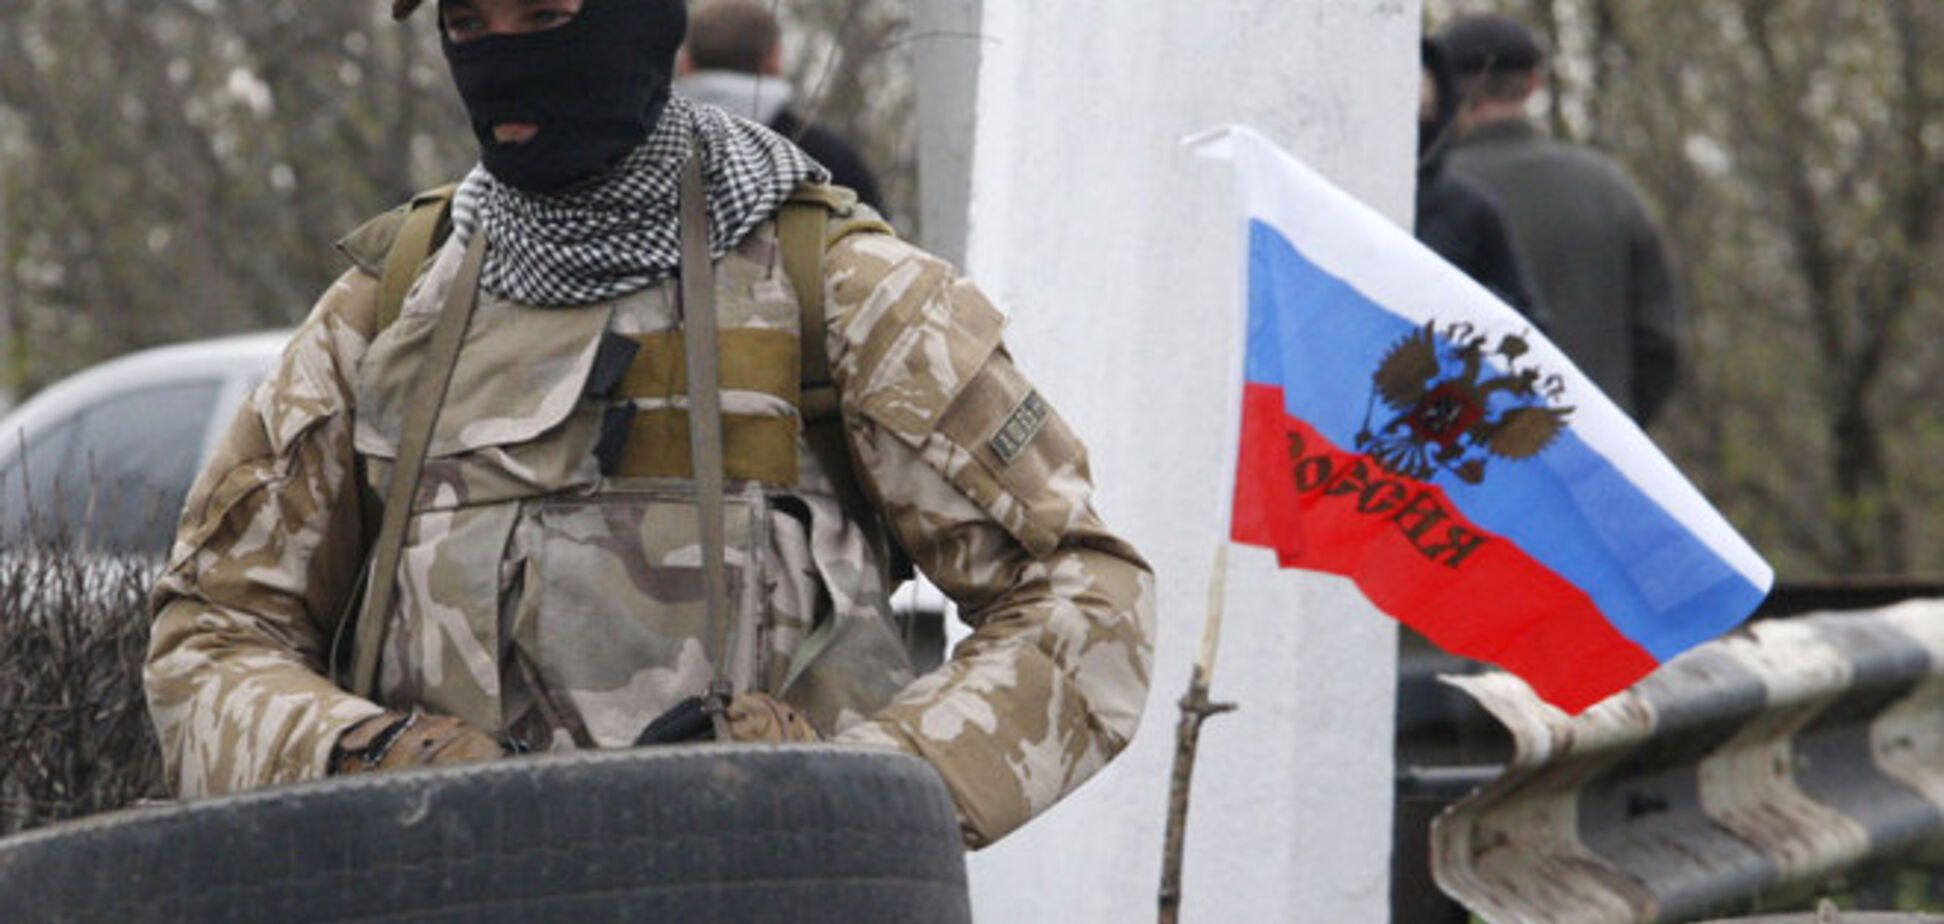 Из-за действий террористов Донетчина может остаться без водоснабжения